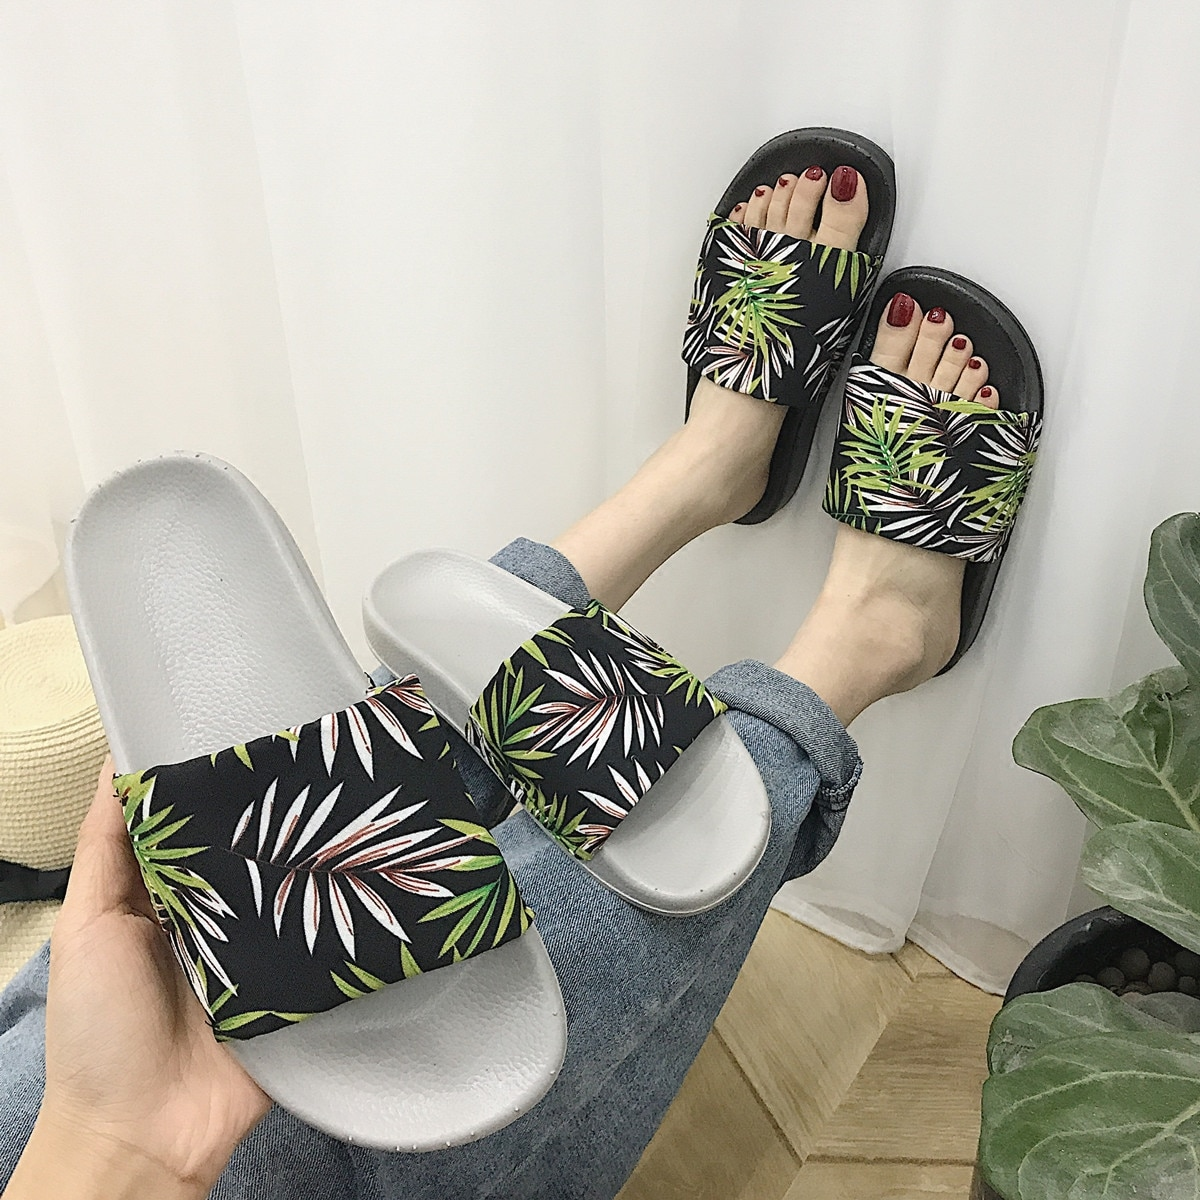 Zapatillas de verano antideslizantes con motivos florales para mujer, gran oferta, Chanclas de playa para mujer, zapatillas de mujer para interior, triangulación de envíos